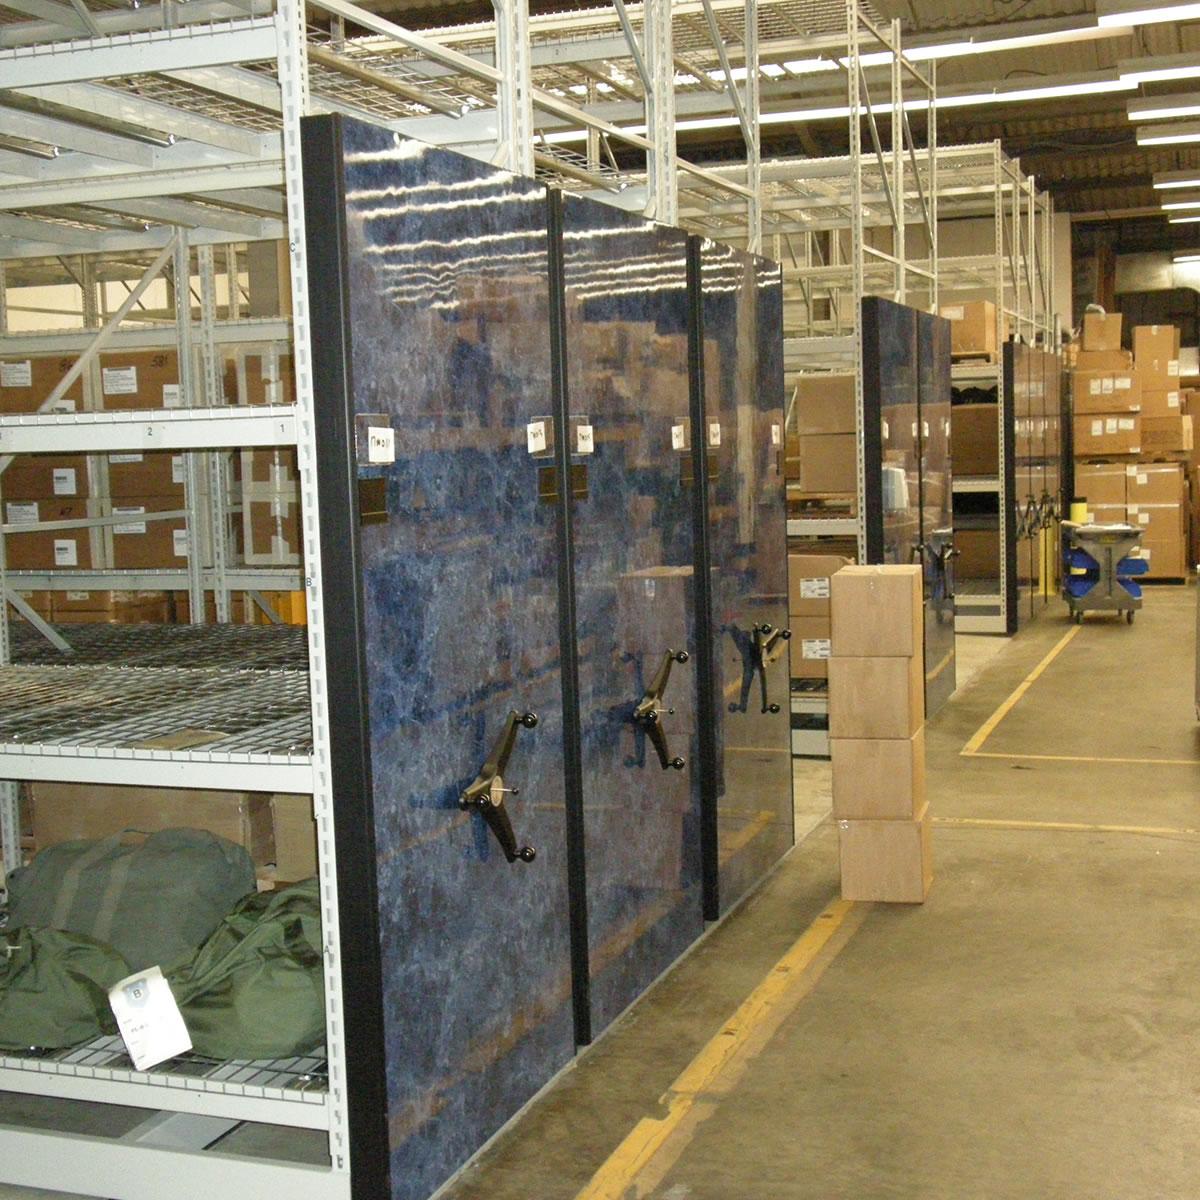 Military Storage Systems | GSA Storage Systems | DOD Storage Systems